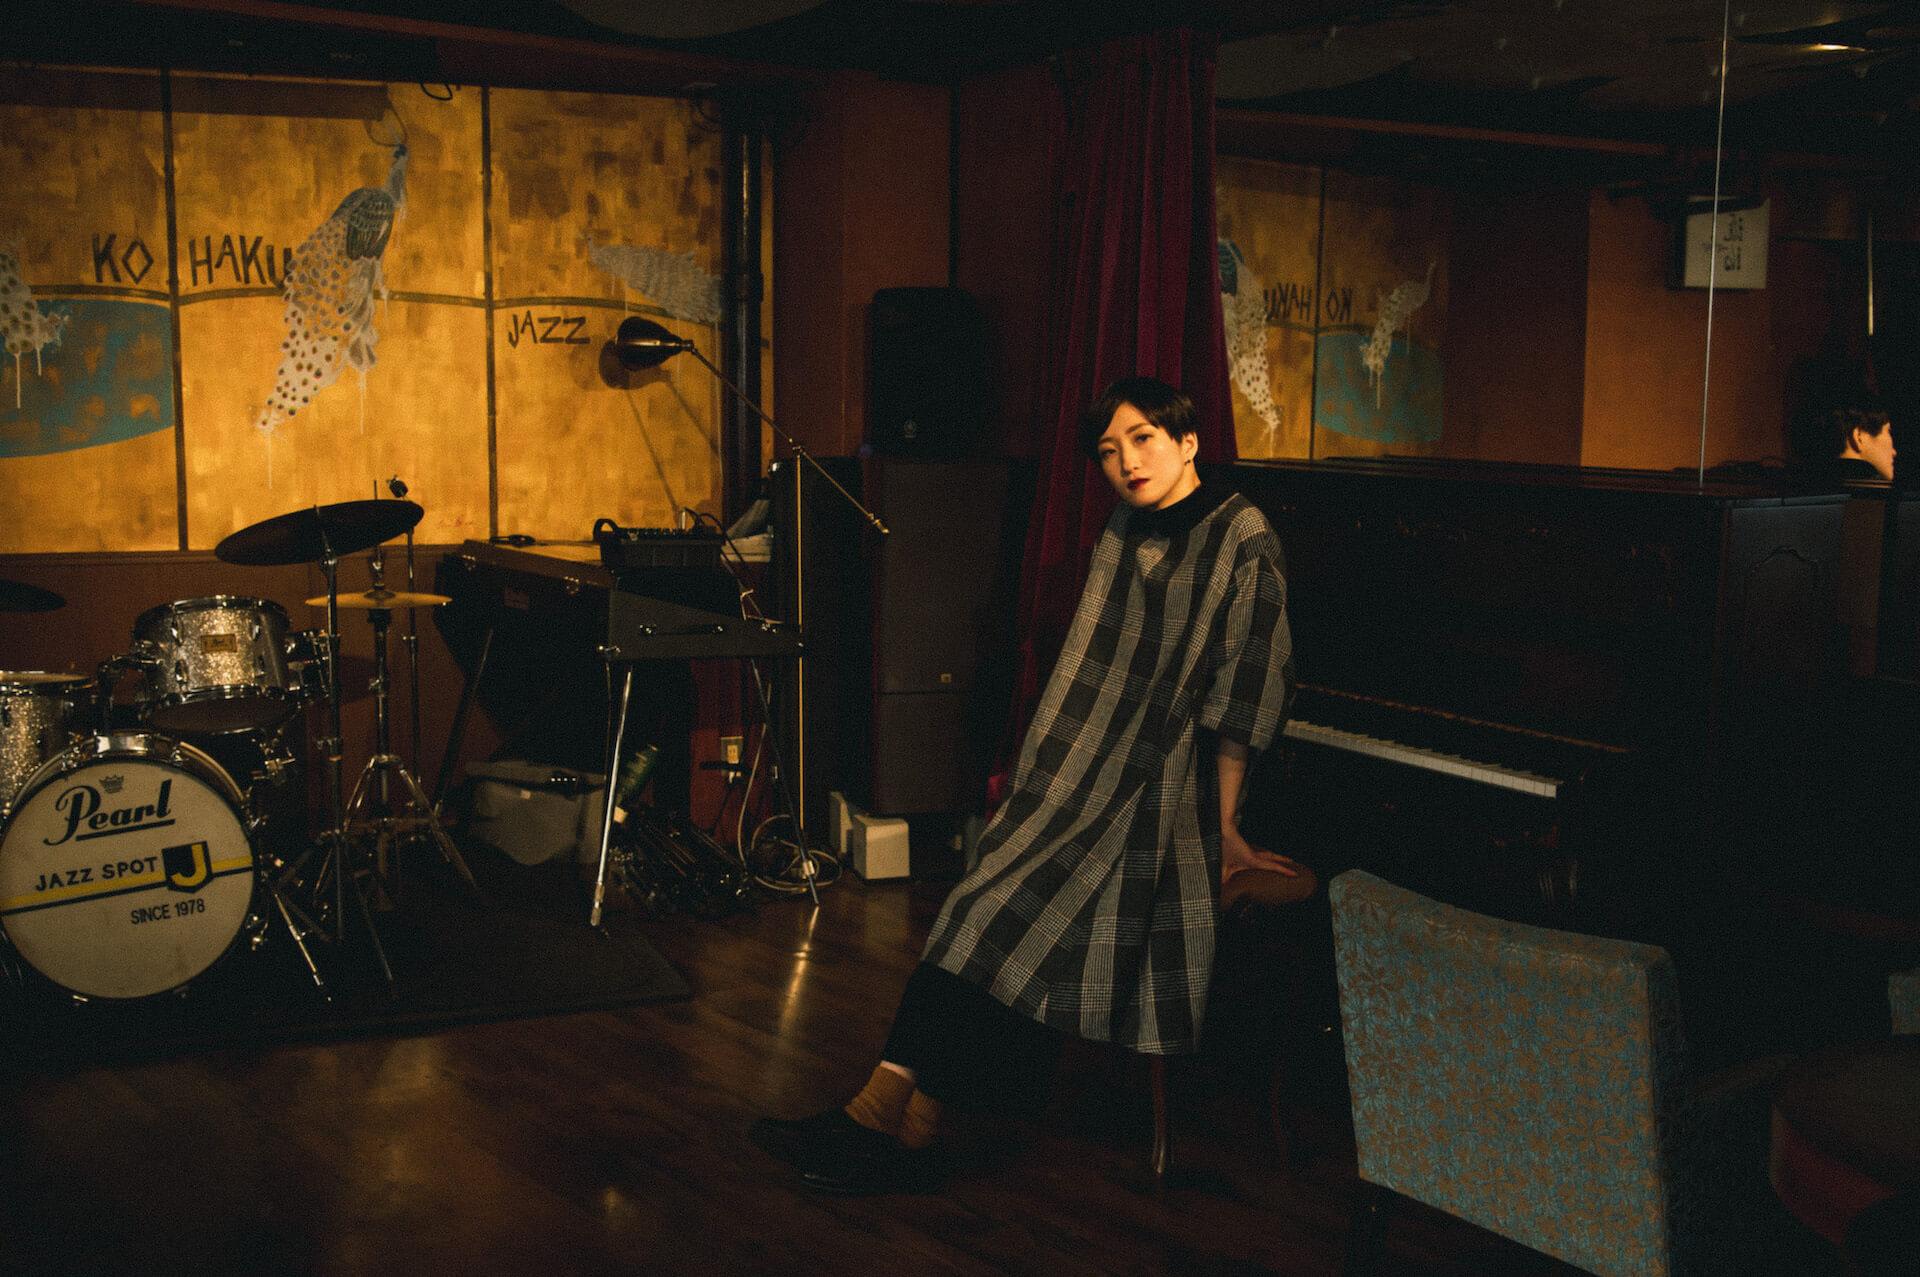 「流されず、変わり続ける」日食なつこが掲げる旗|音楽のすゝめ interview210310_nisshoku-natsuko-06